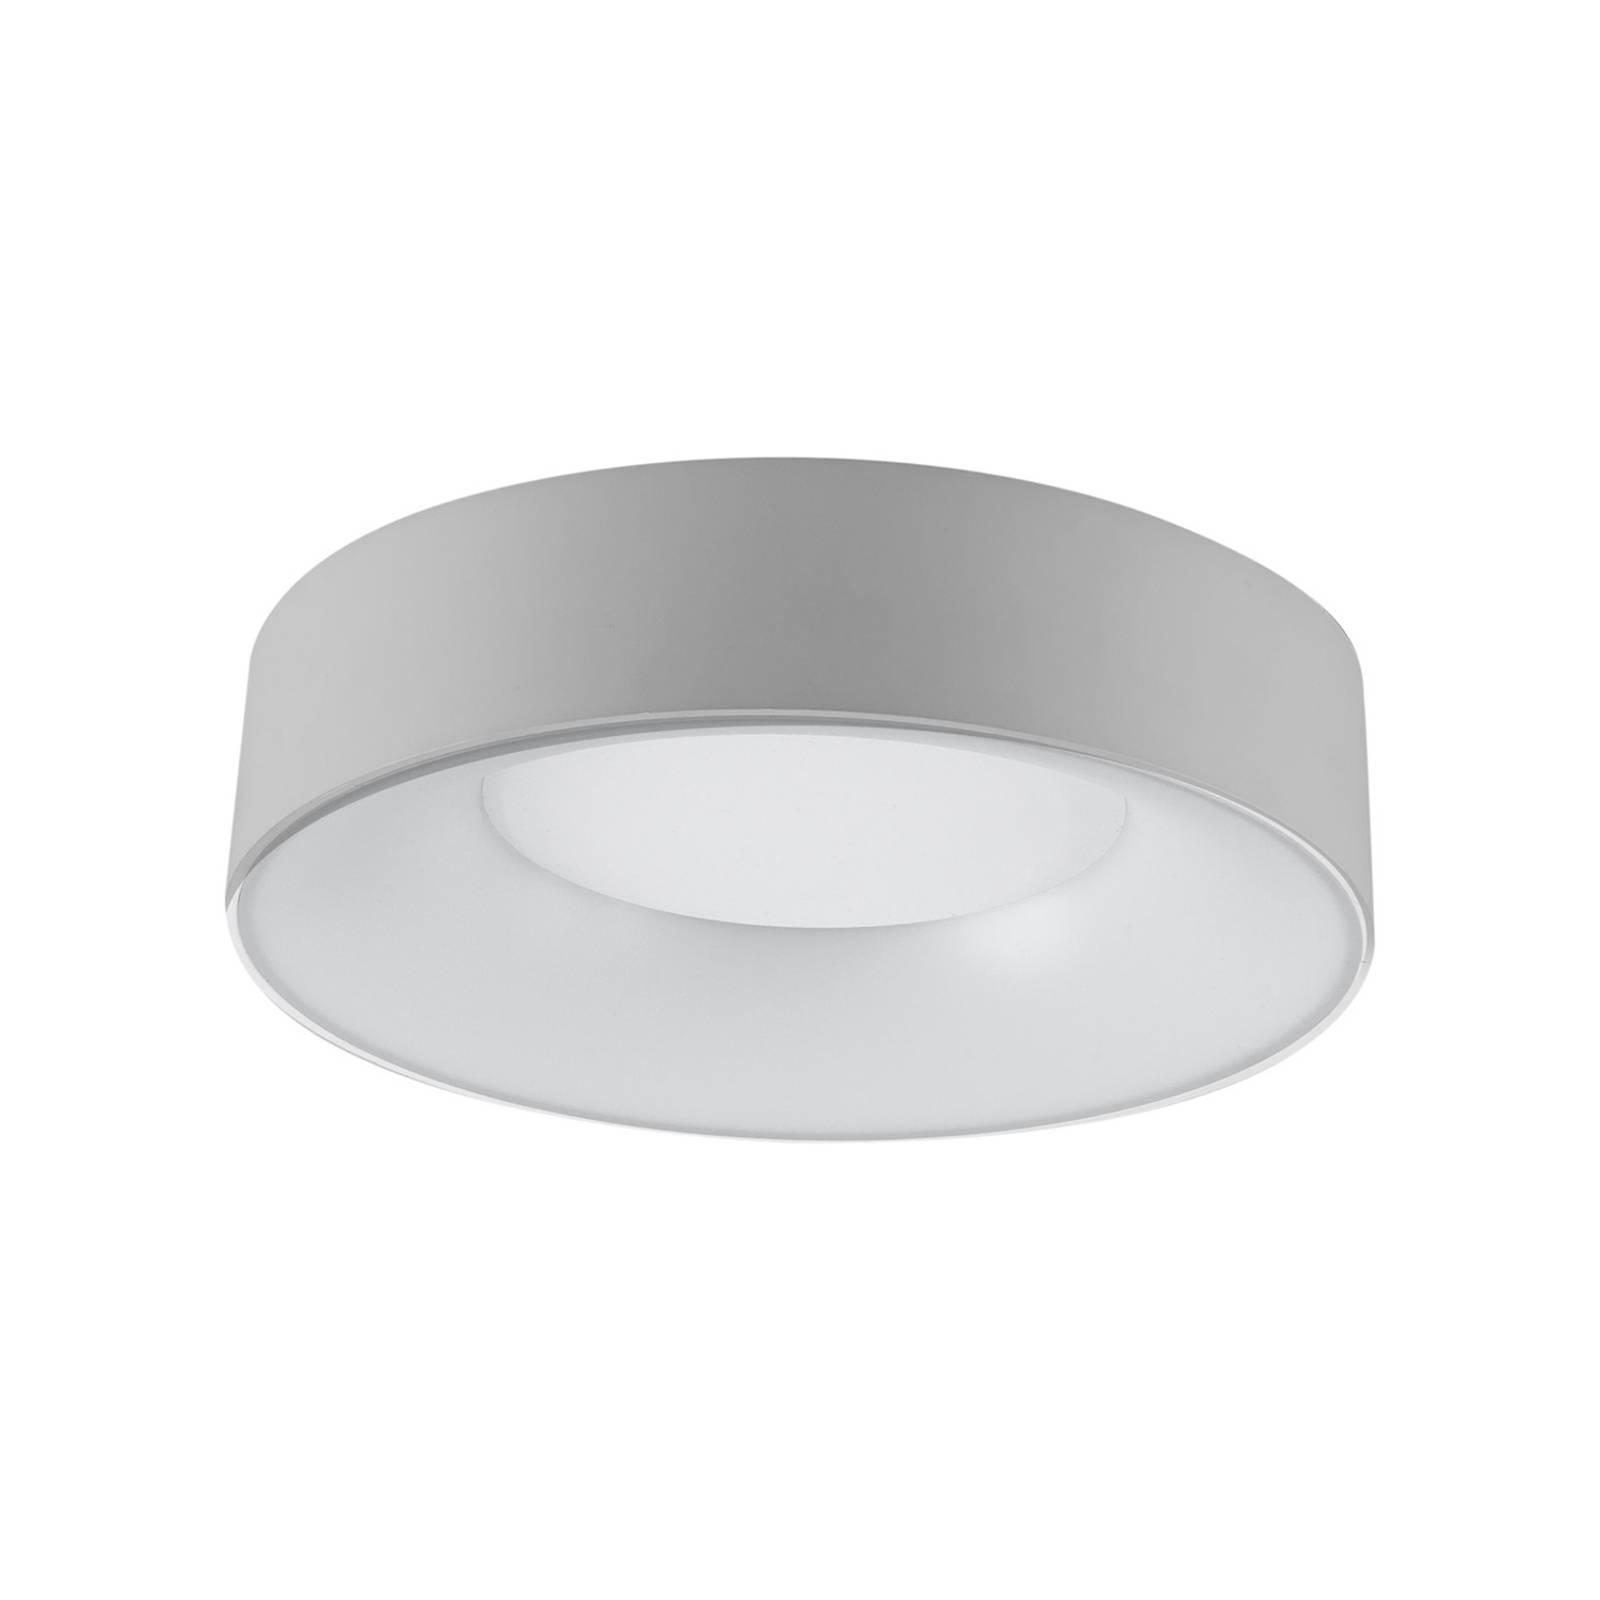 LED-kattovalaisin R30, Ø 30 cm, hopea